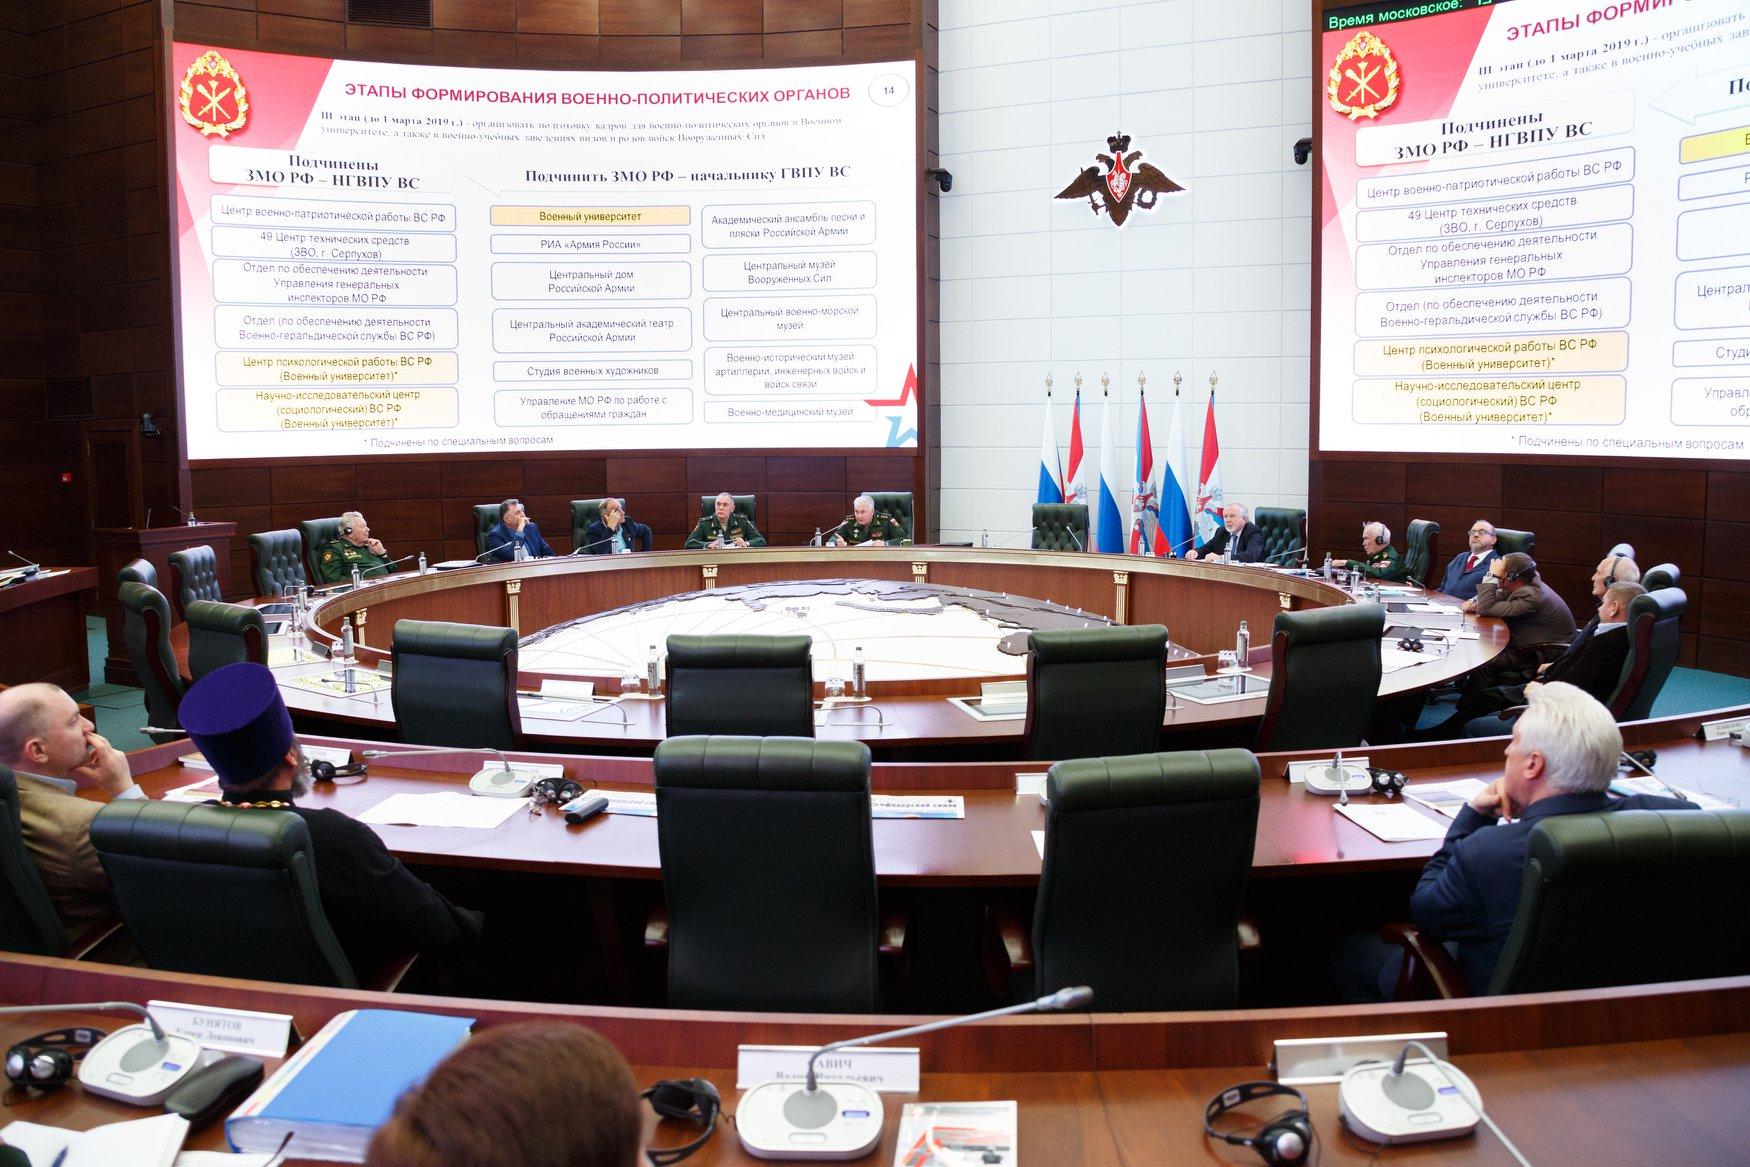 Заседание президиума Общественного совета при Министерстве обороны России